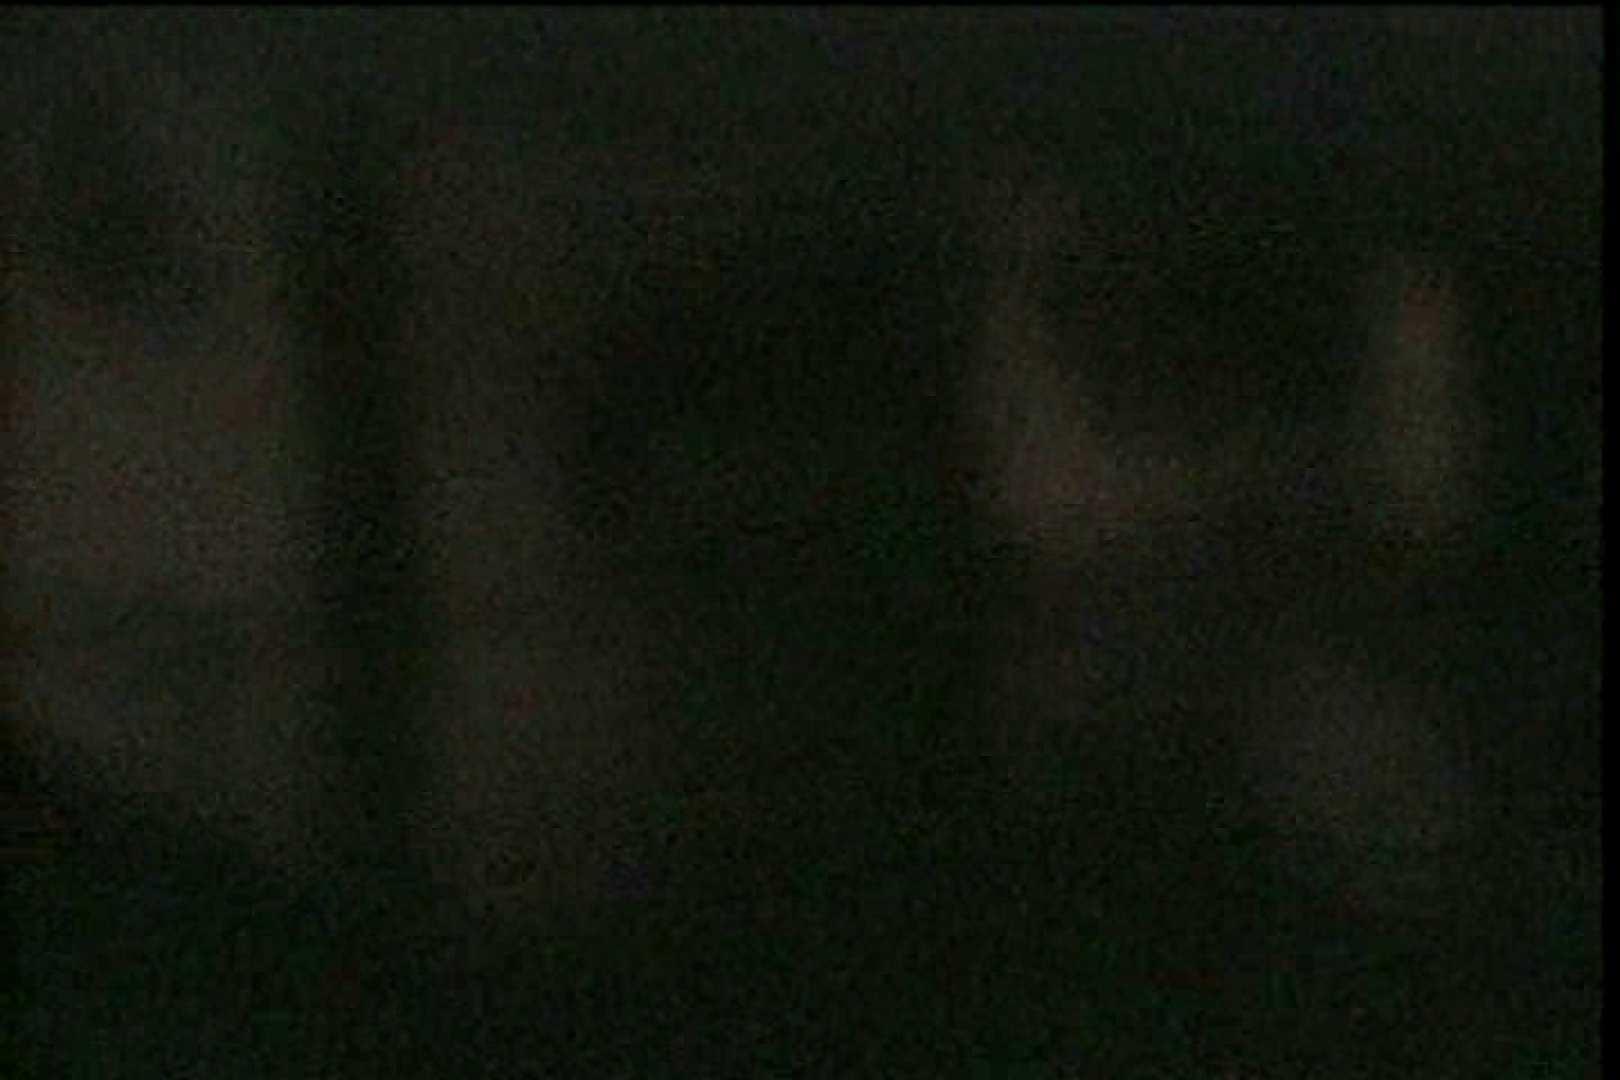 闇の仕掛け人 無修正版 Vol.19 フリーハンド | 制服  106pic 1